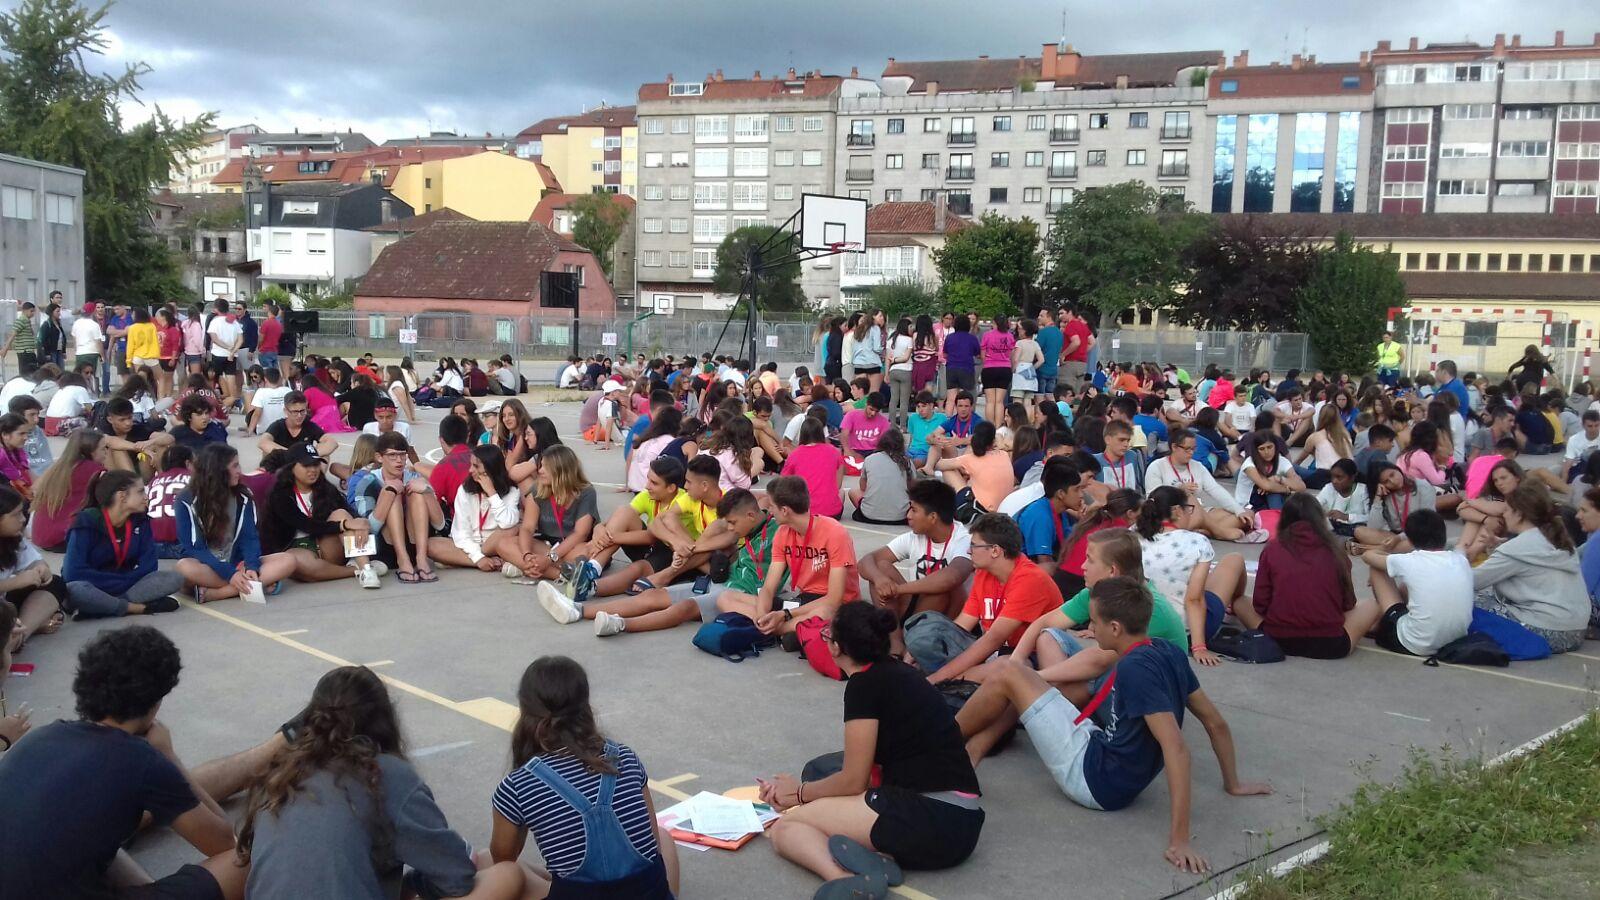 Actividades para conocer gente en santiago garotas de programa no Paulista-97509